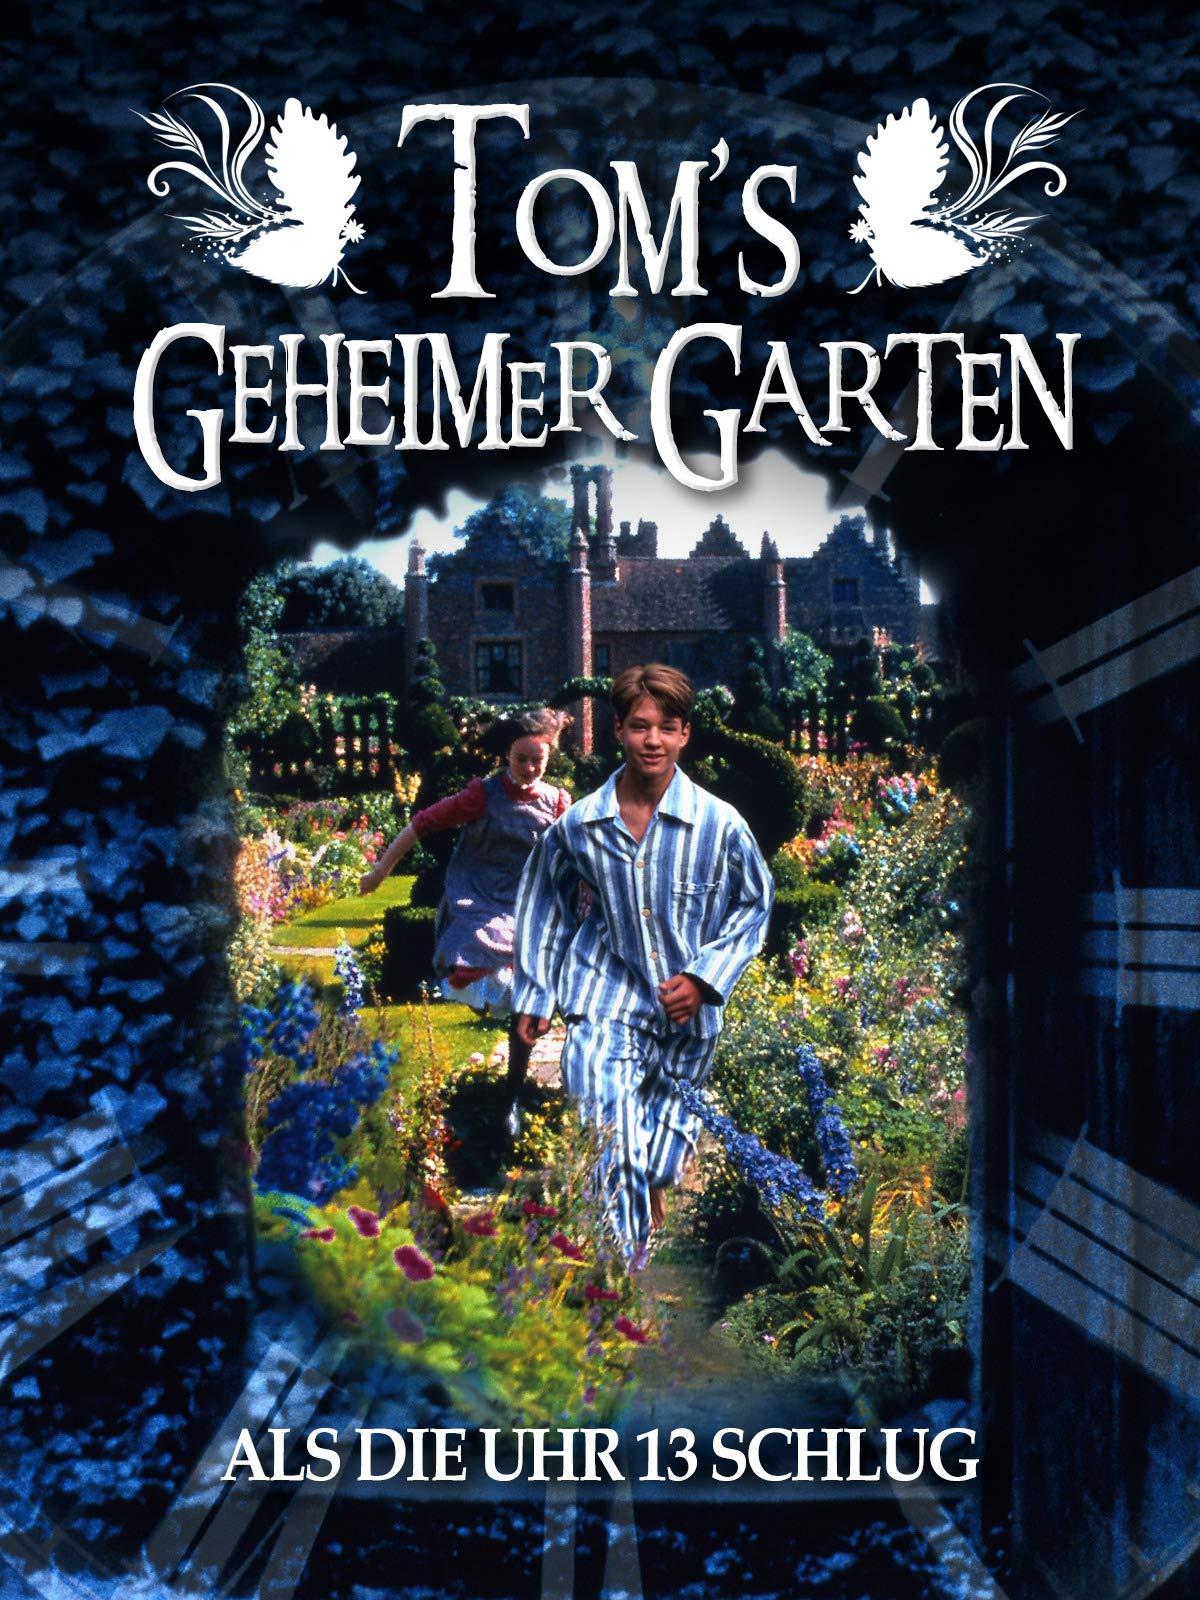 Amazon De Tom S Geheimer Garten Als Die Uhr 13 Schlug Ansehen Prime Video